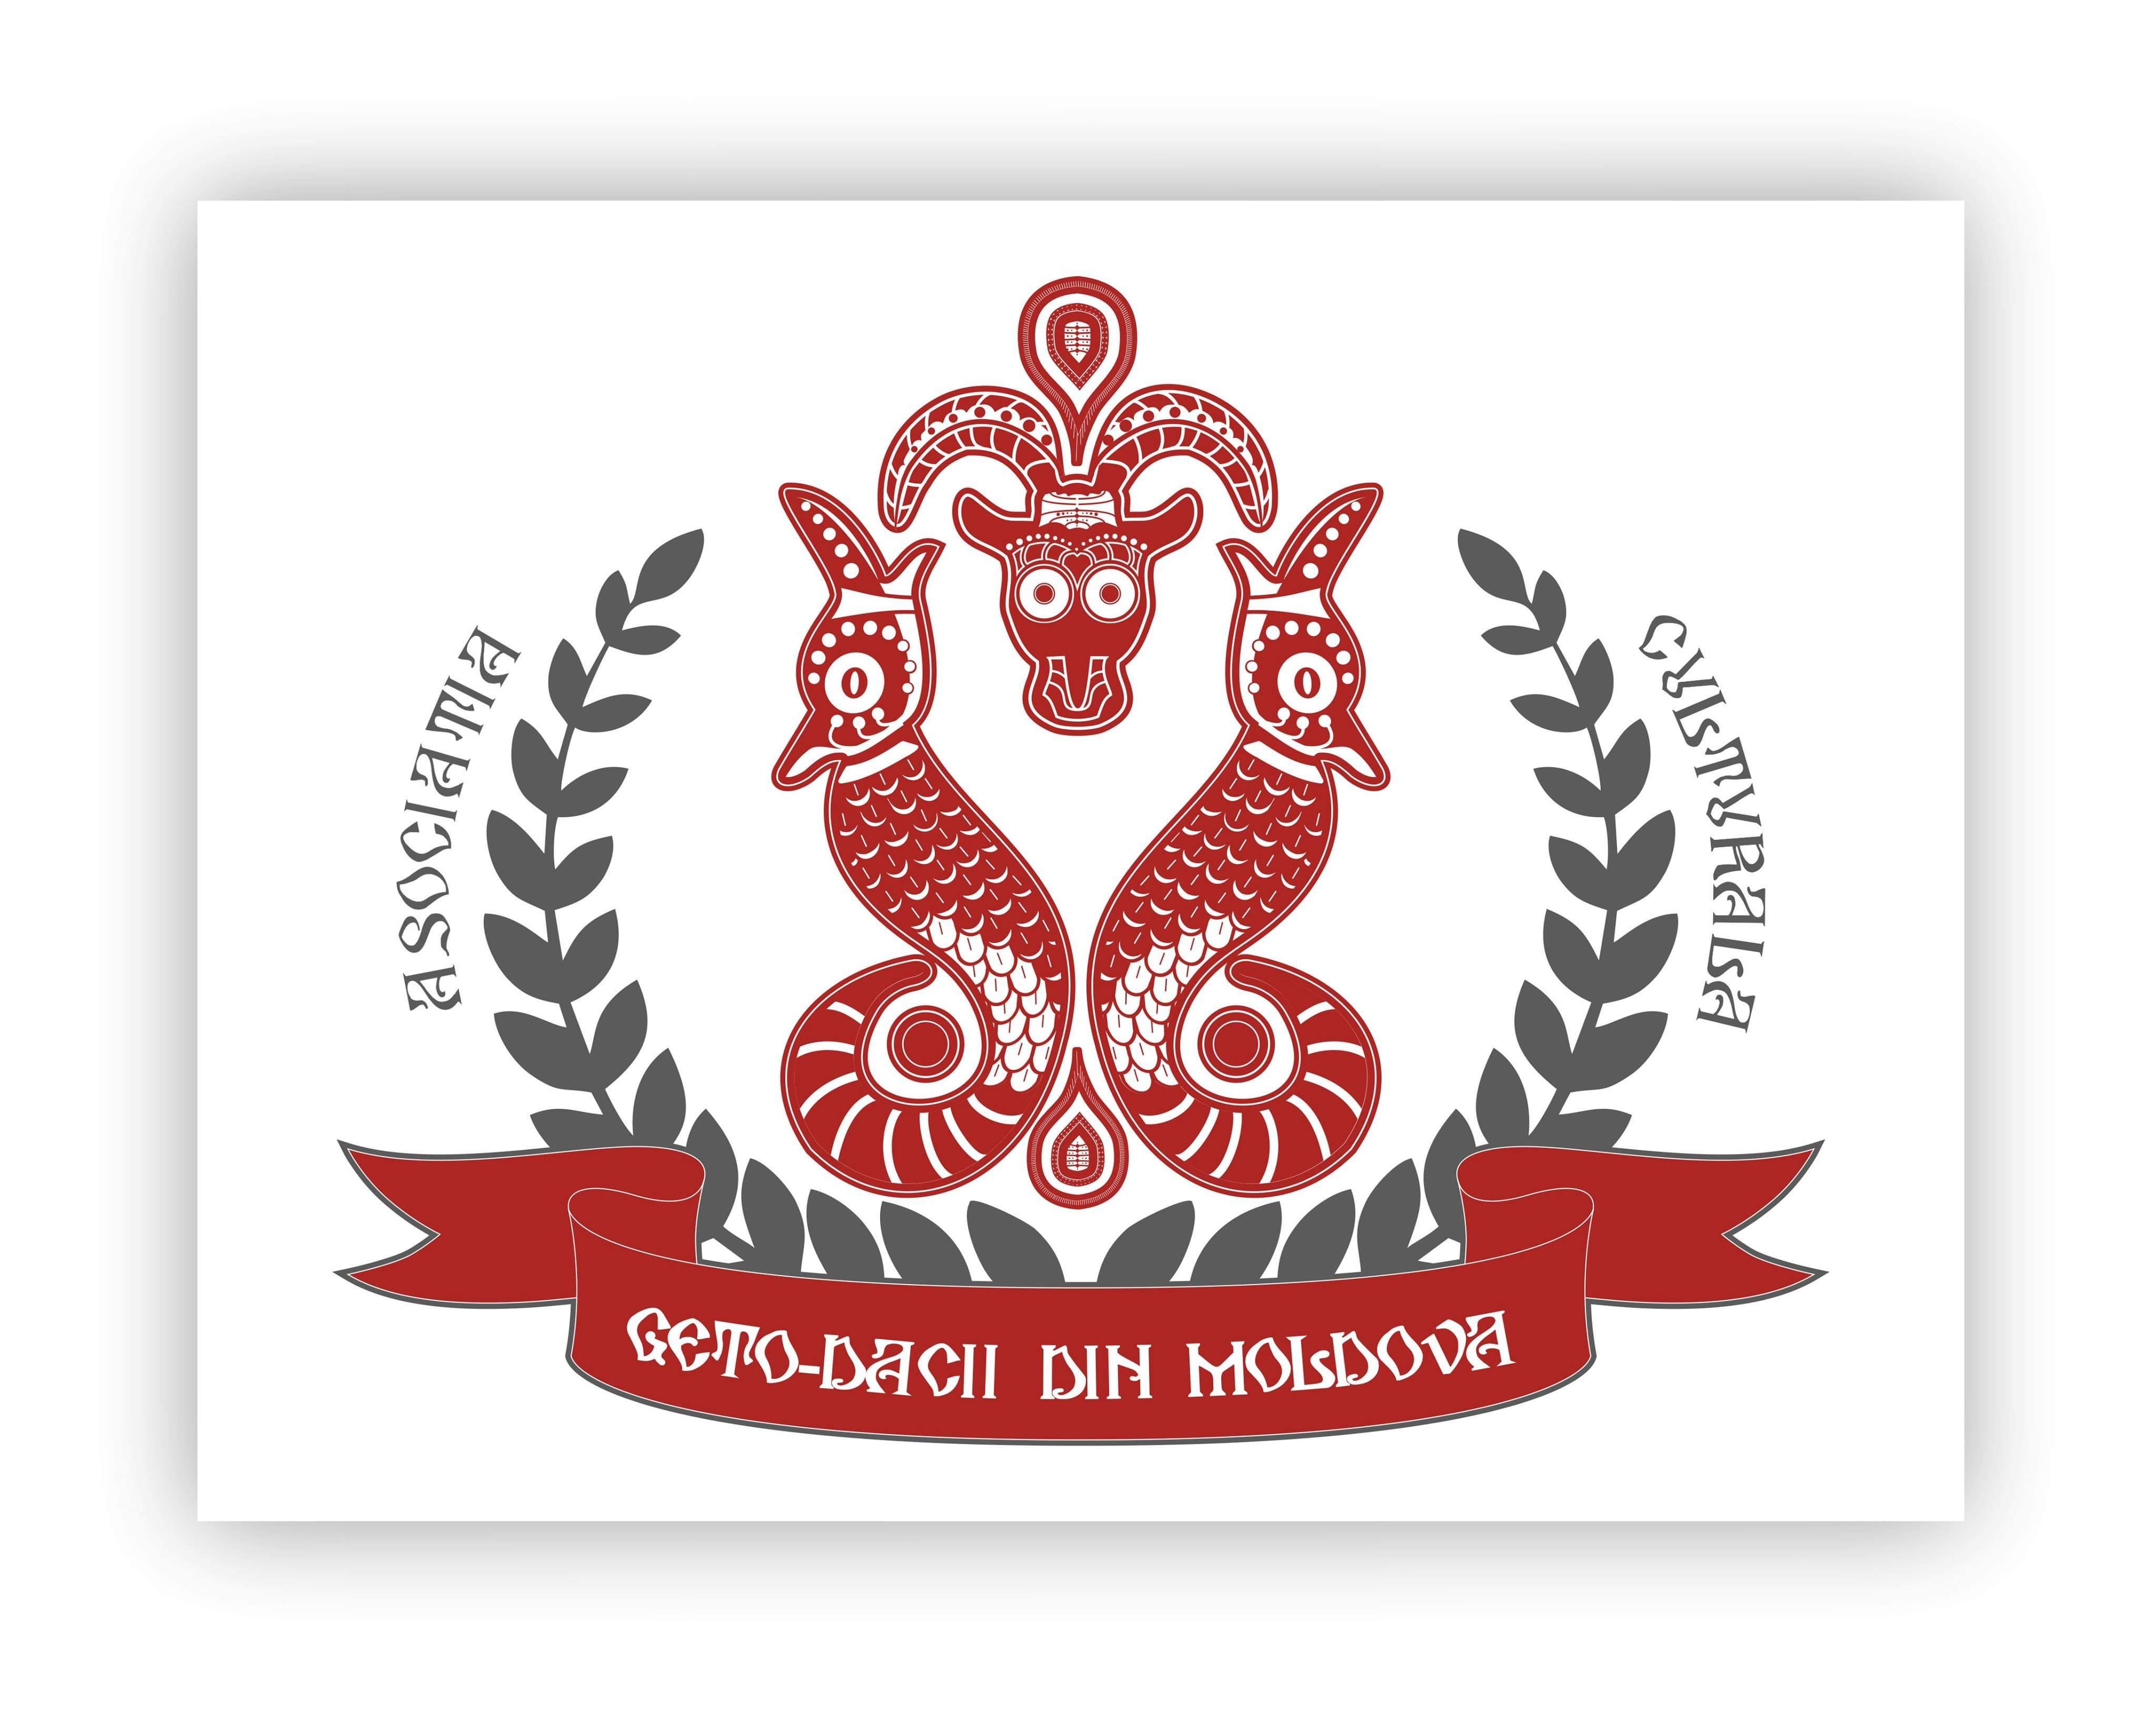 Asociatia Culturala Geto-Dacii din Moldova logo